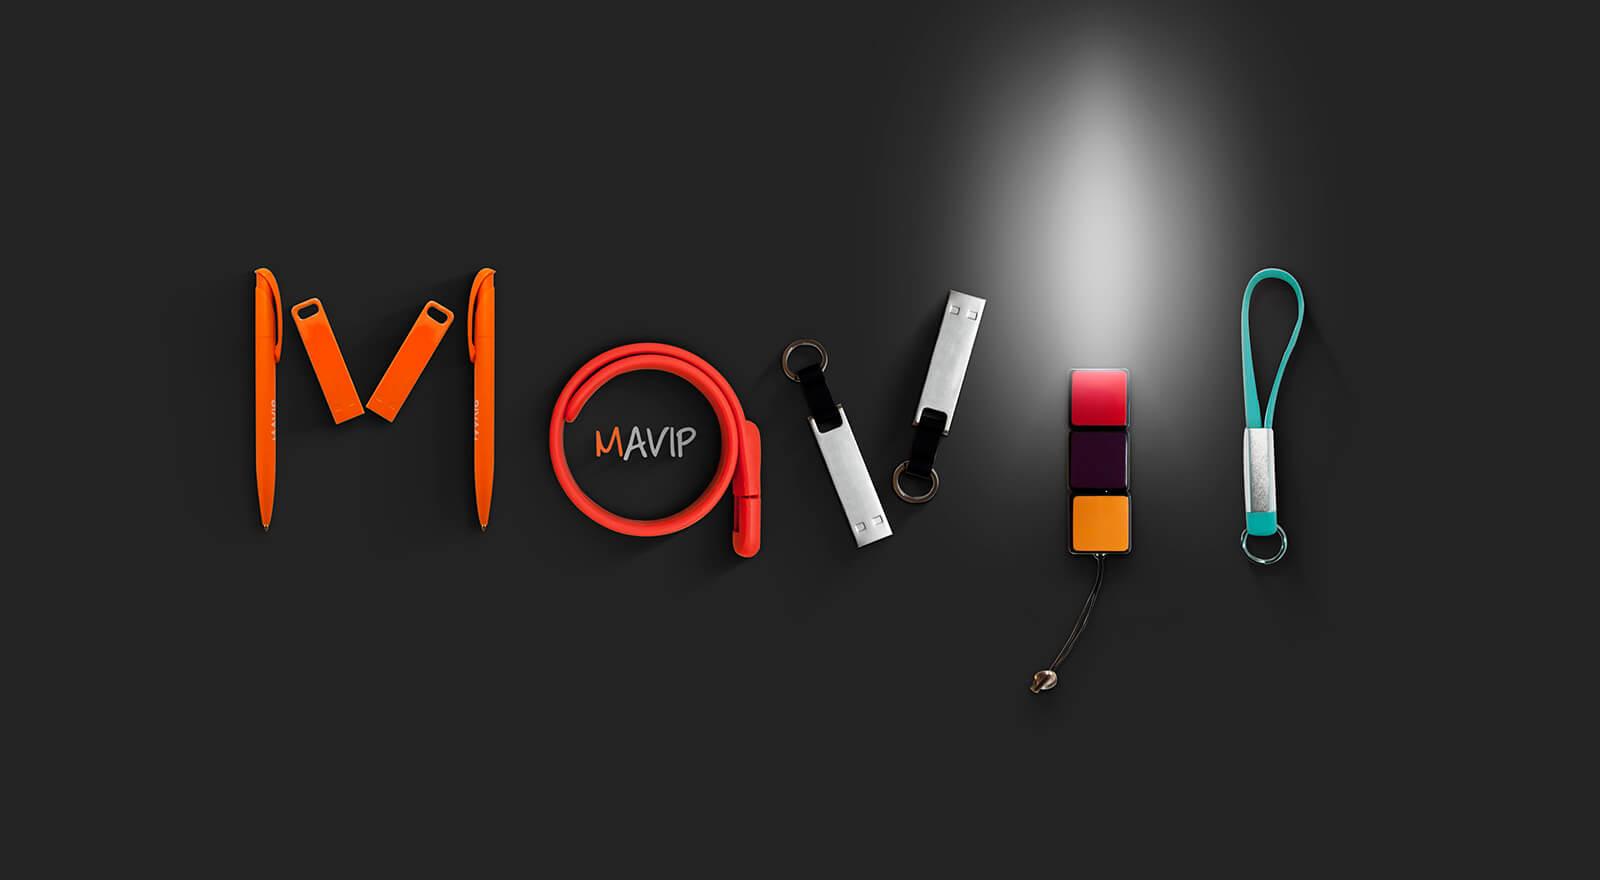 logo Mavip écrit avec des objets publicitaires goodies